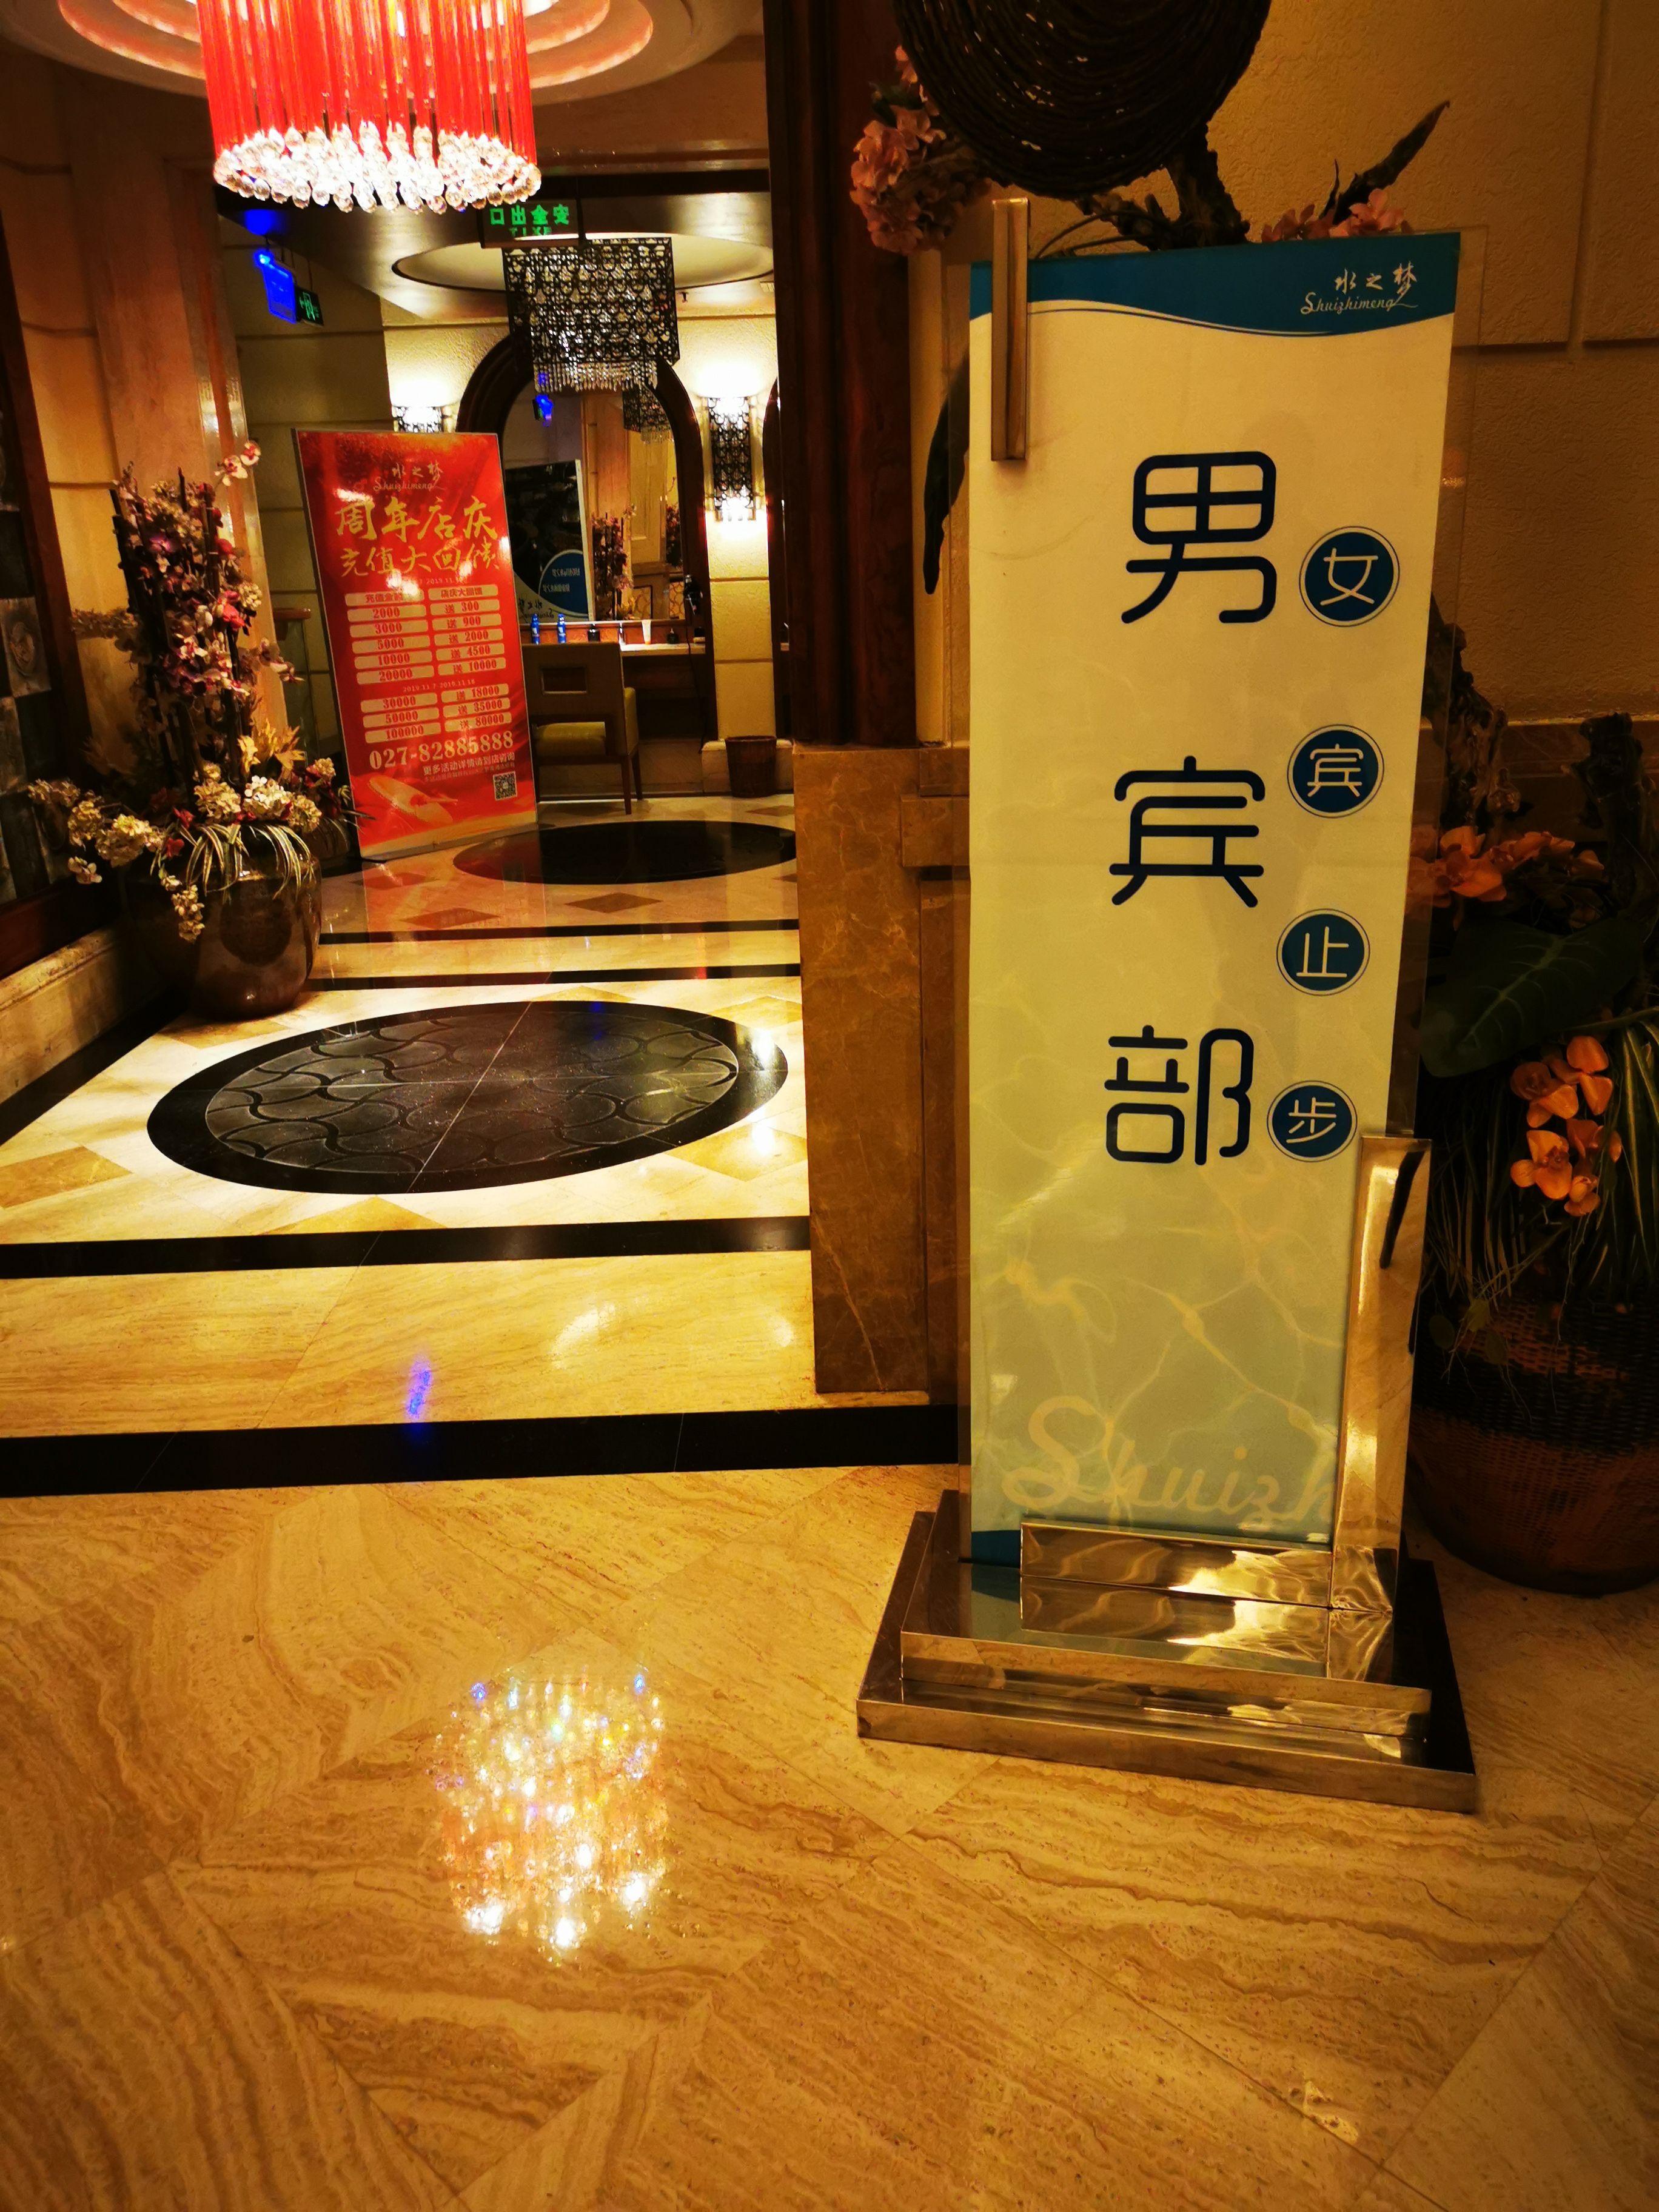 武汉水之梦998技师5楼按摩服务项目价格